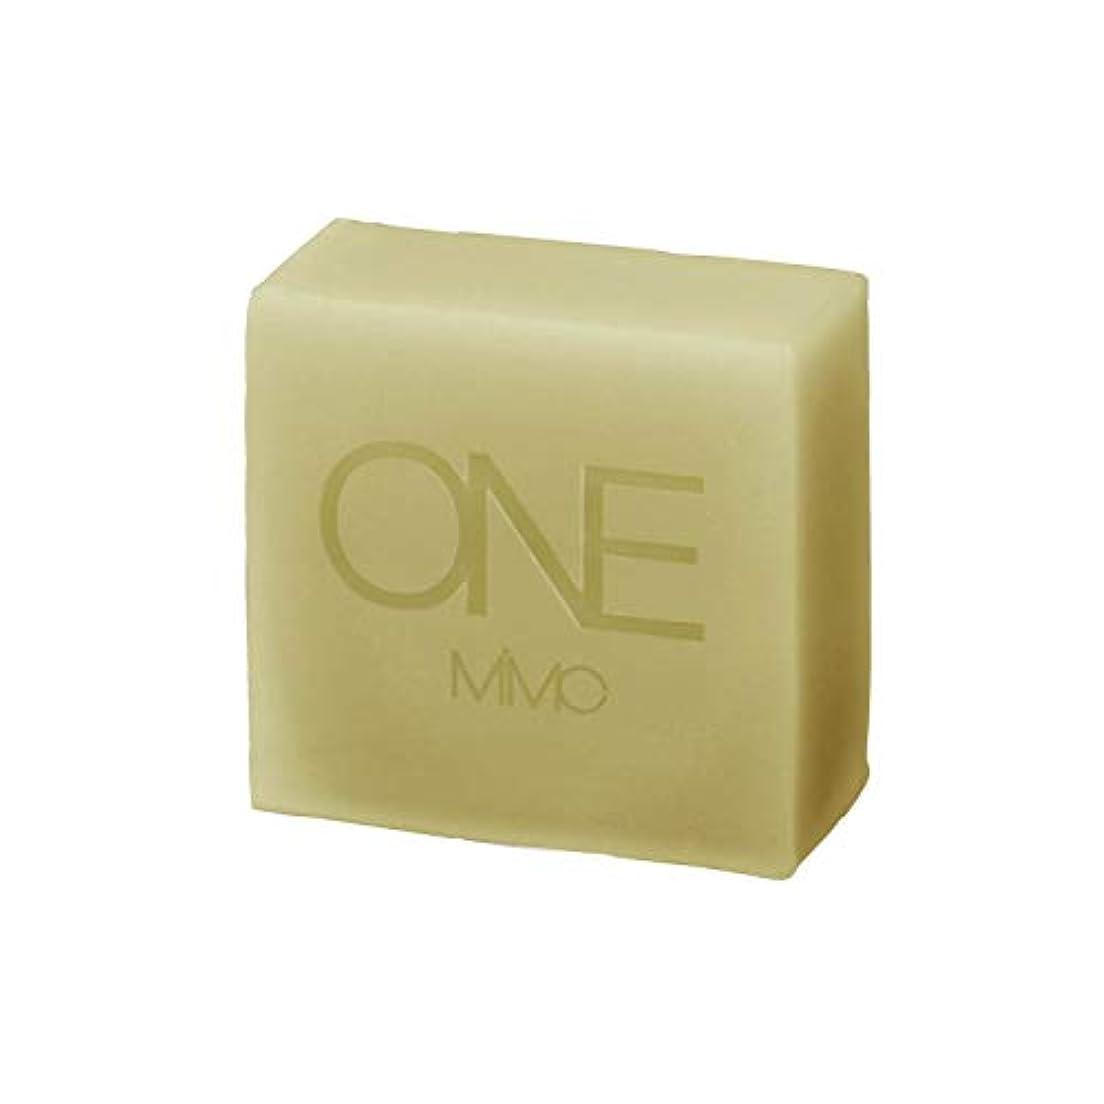 調査作ります類似性【MiMC ONE(エムアイエムシー ワン)】ハーブプロテクトソープ フォーアウトドア/アブサンガード 85g